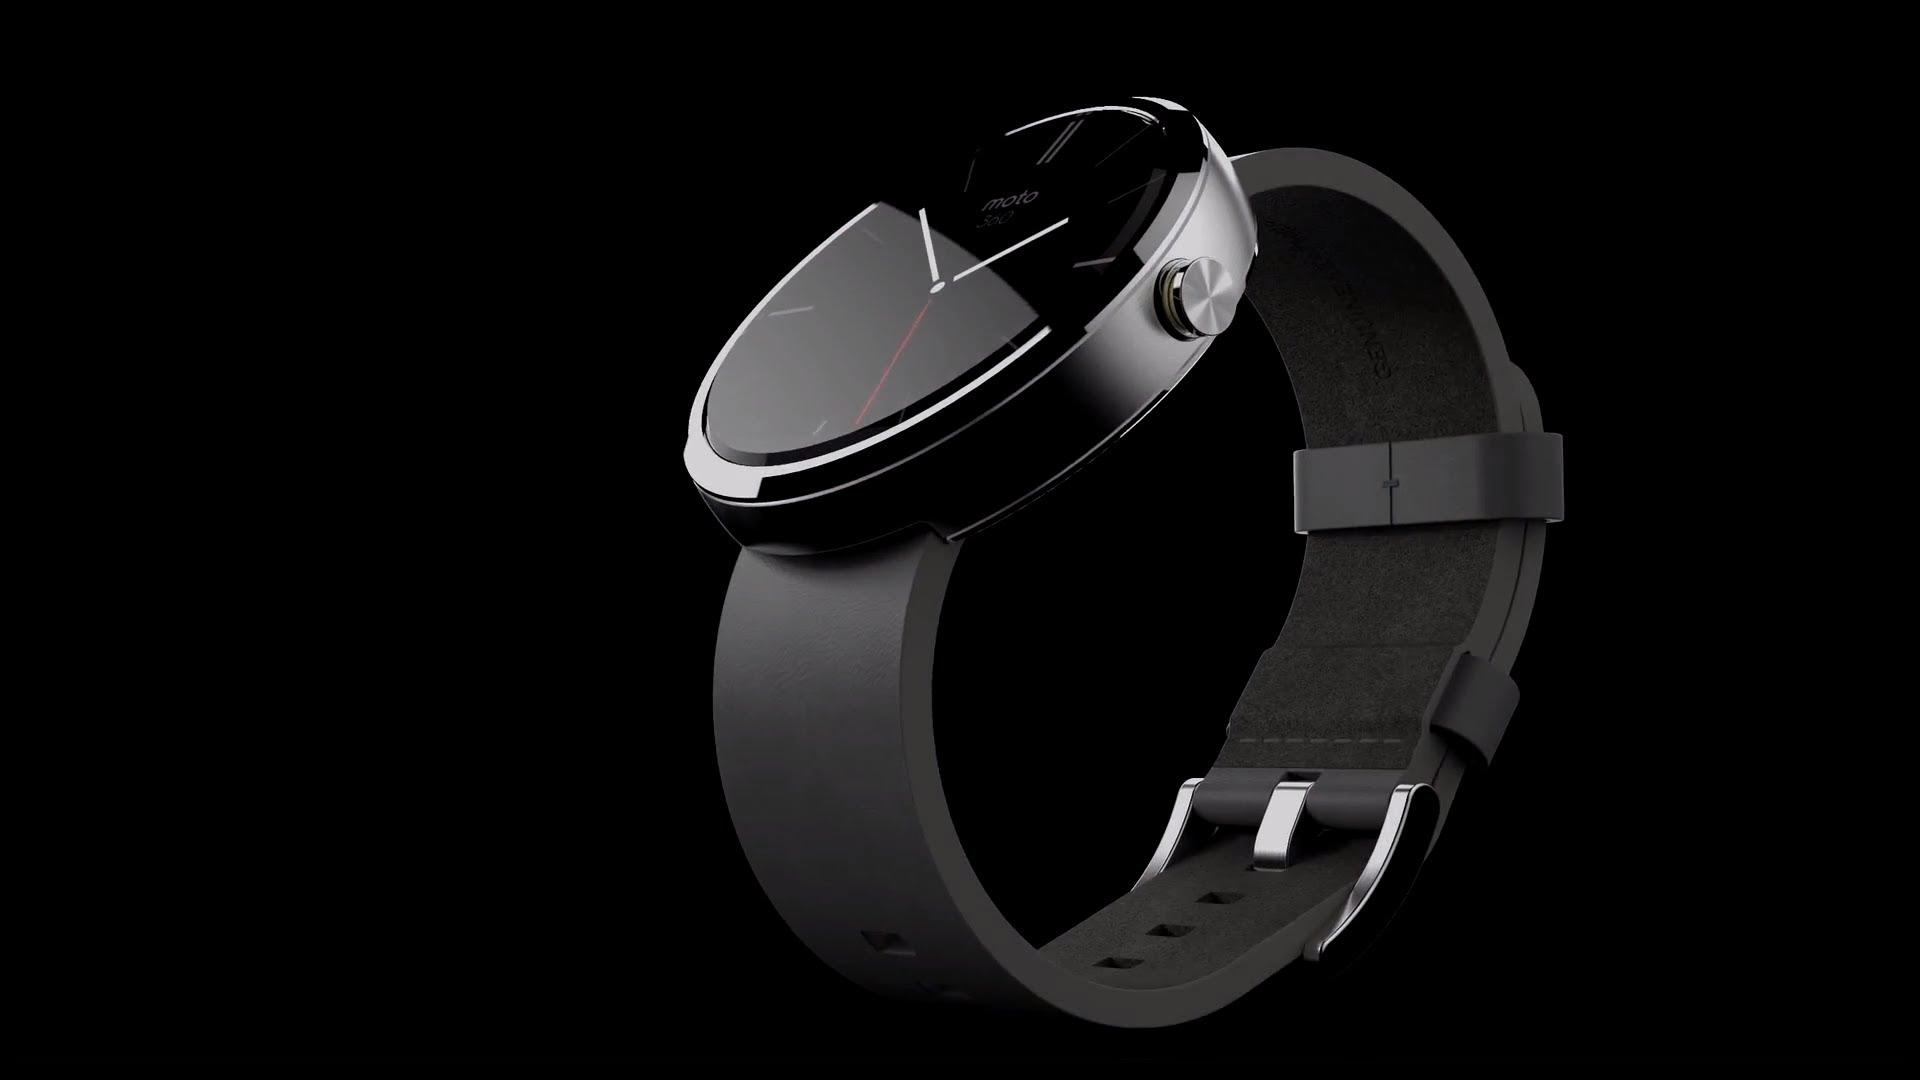 Moto 360 : tout ce qu'il faut savoir sur la montre connectée de Motorola